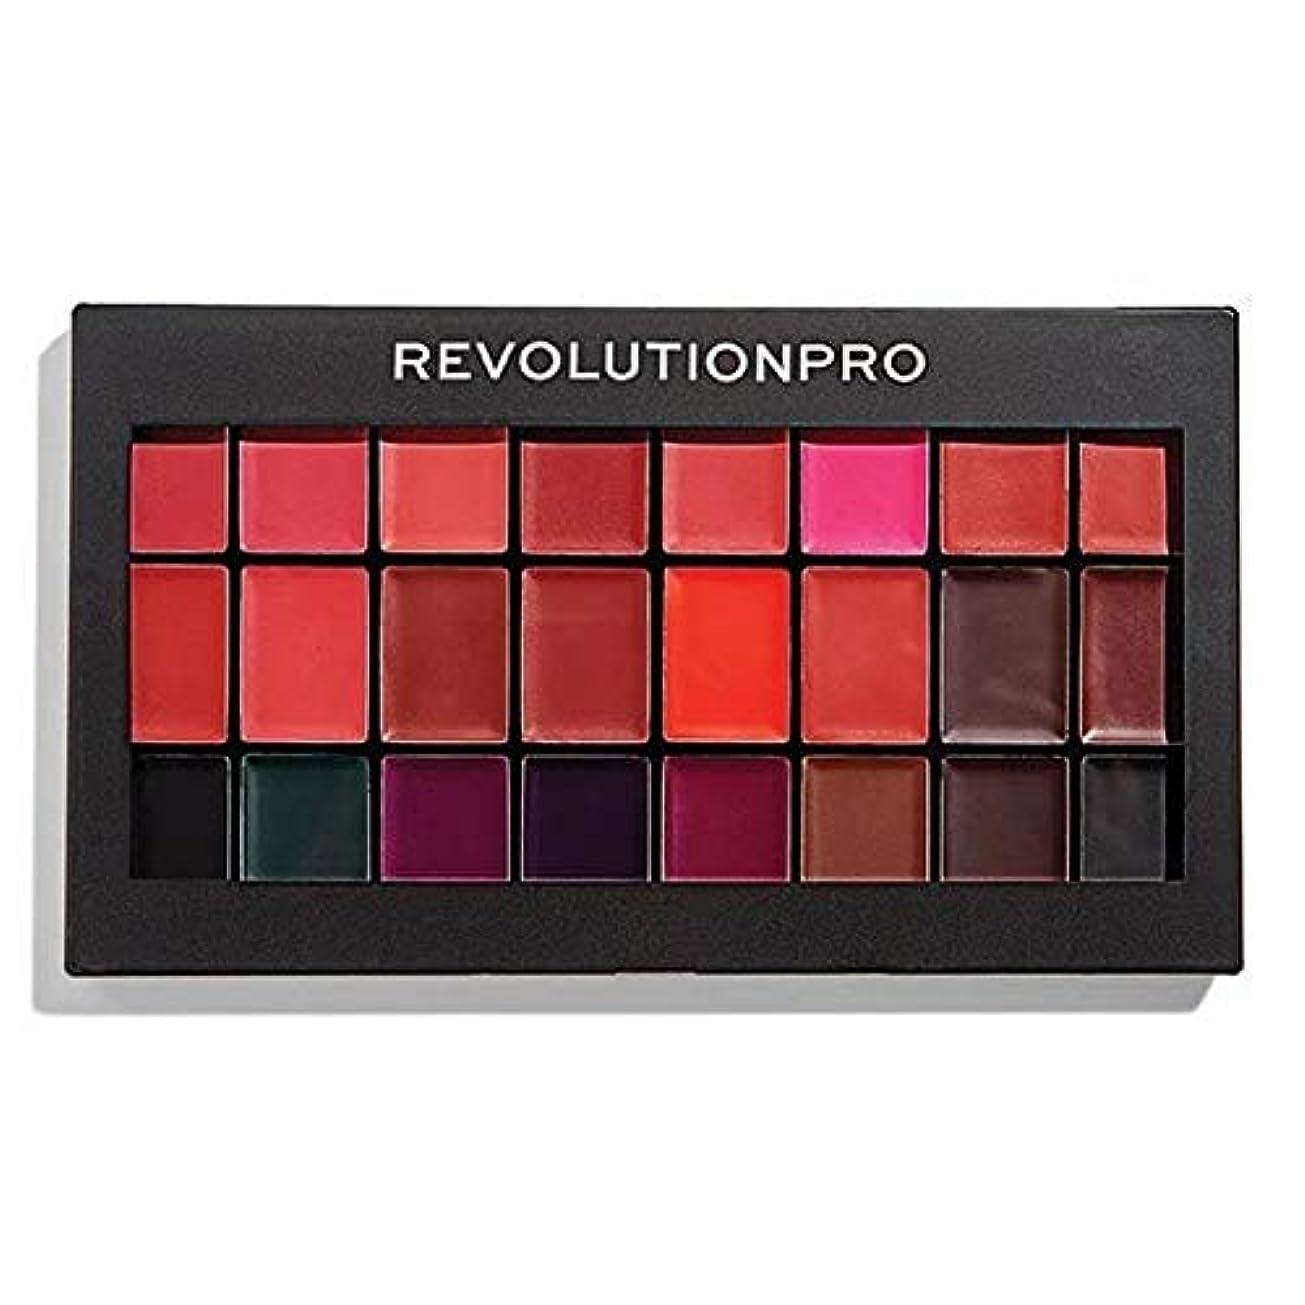 デザートうそつき提出する[Revolution ] 革命プロ口紅キット赤&Vamps - Revolution Pro Lipstick Kit Reds & Vamps [並行輸入品]